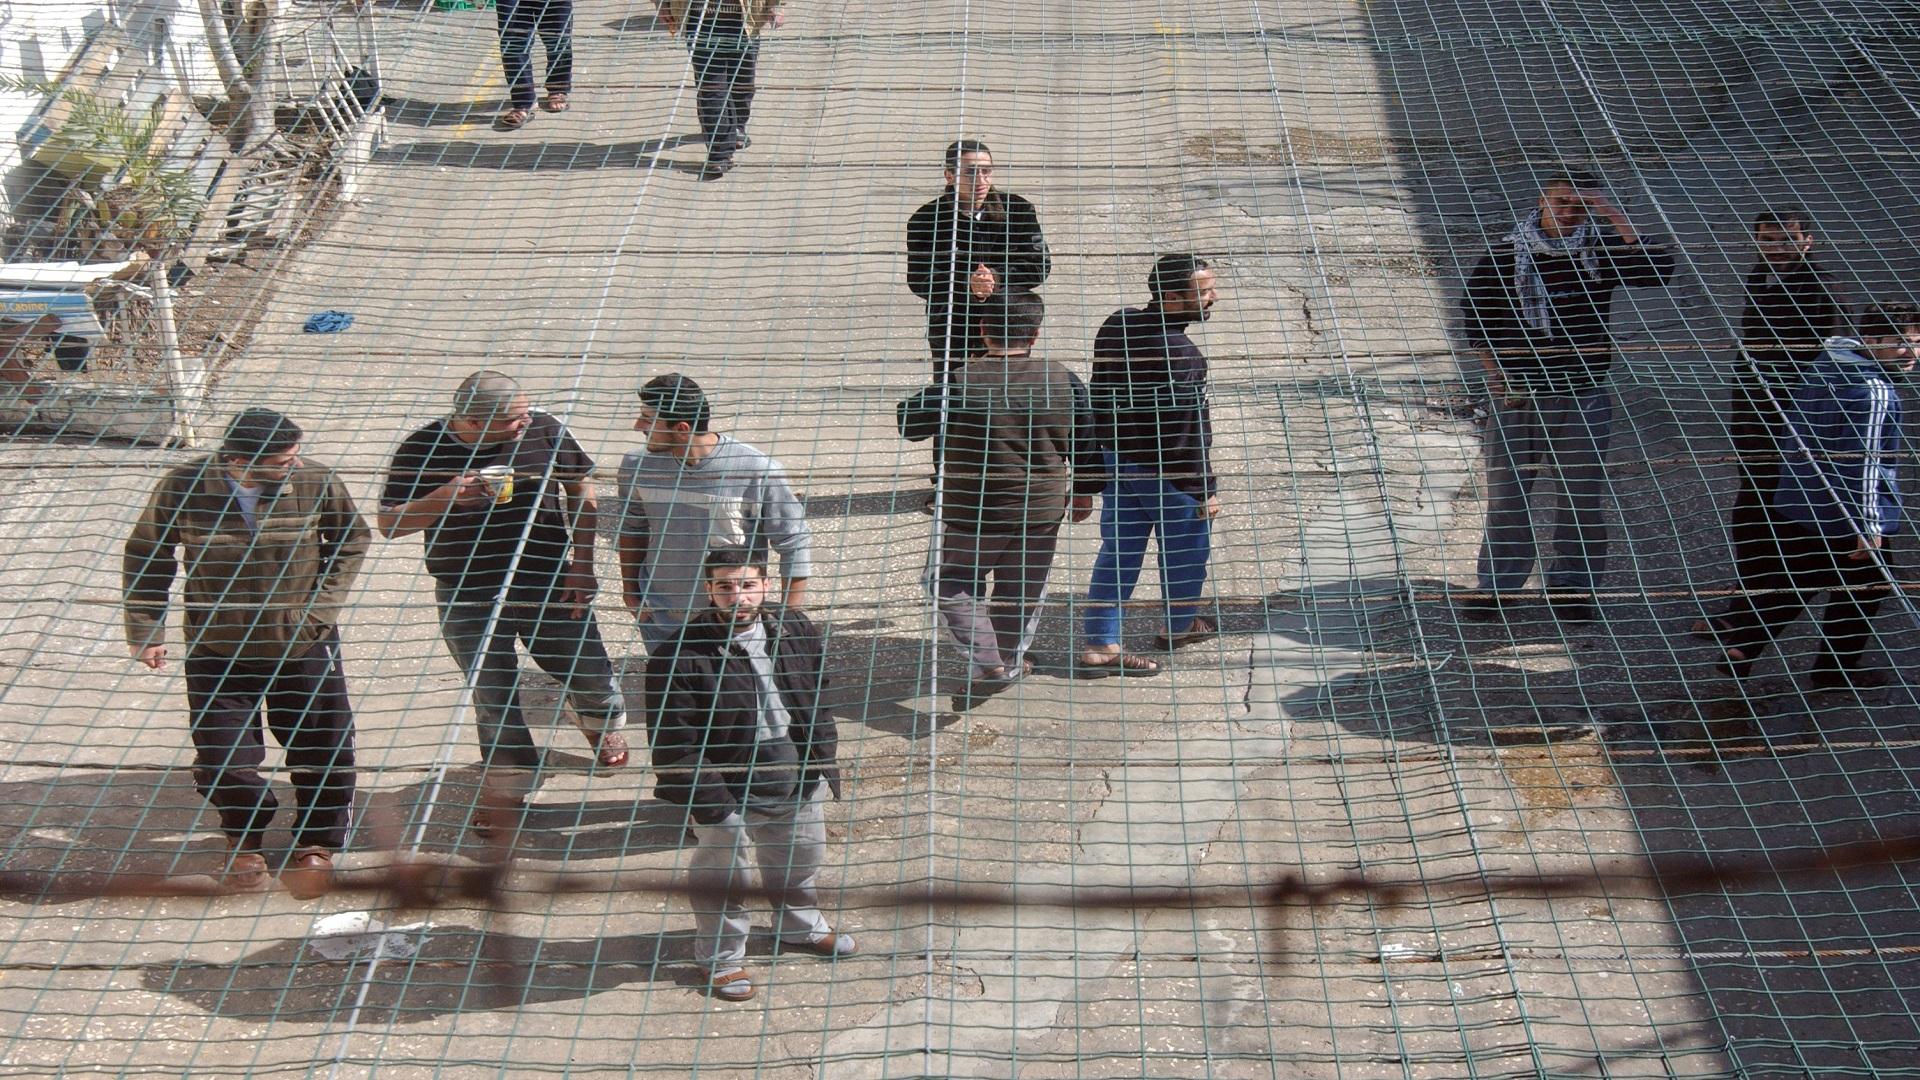 أكثر من 1300 أسير فلسطيني يبدأون إضرابا مفتوحا عن الطعام